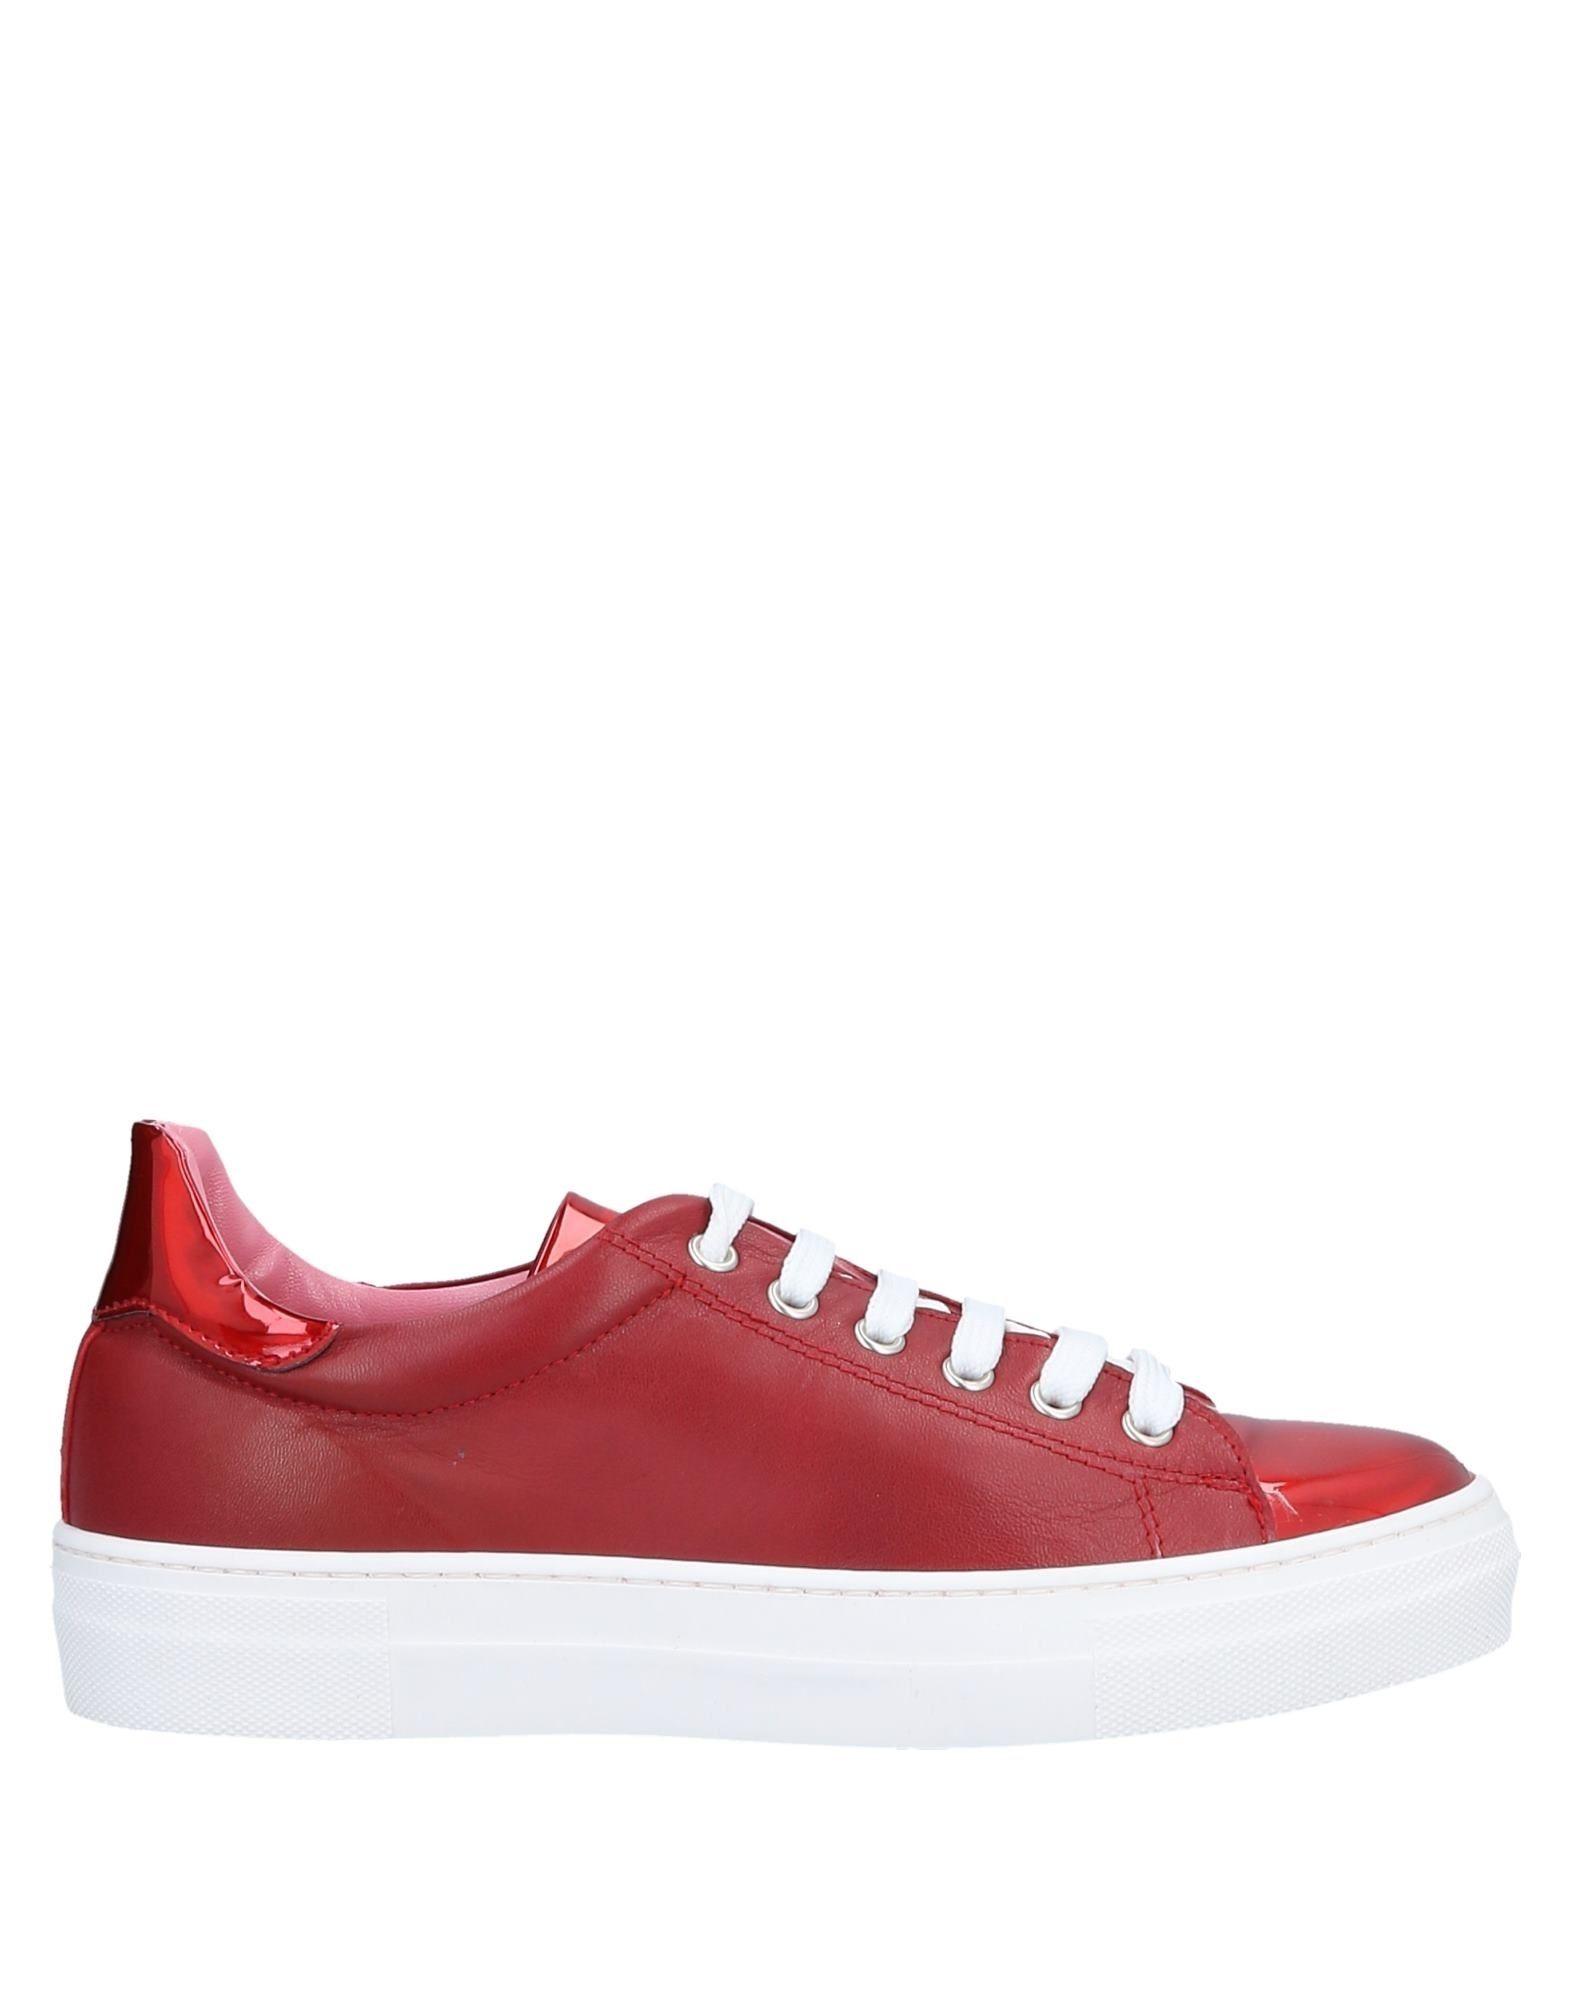 Tsd12 Preis-Leistungs-Verhältnis, Sneakers Damen Gutes Preis-Leistungs-Verhältnis, Tsd12 es lohnt sich ec3782